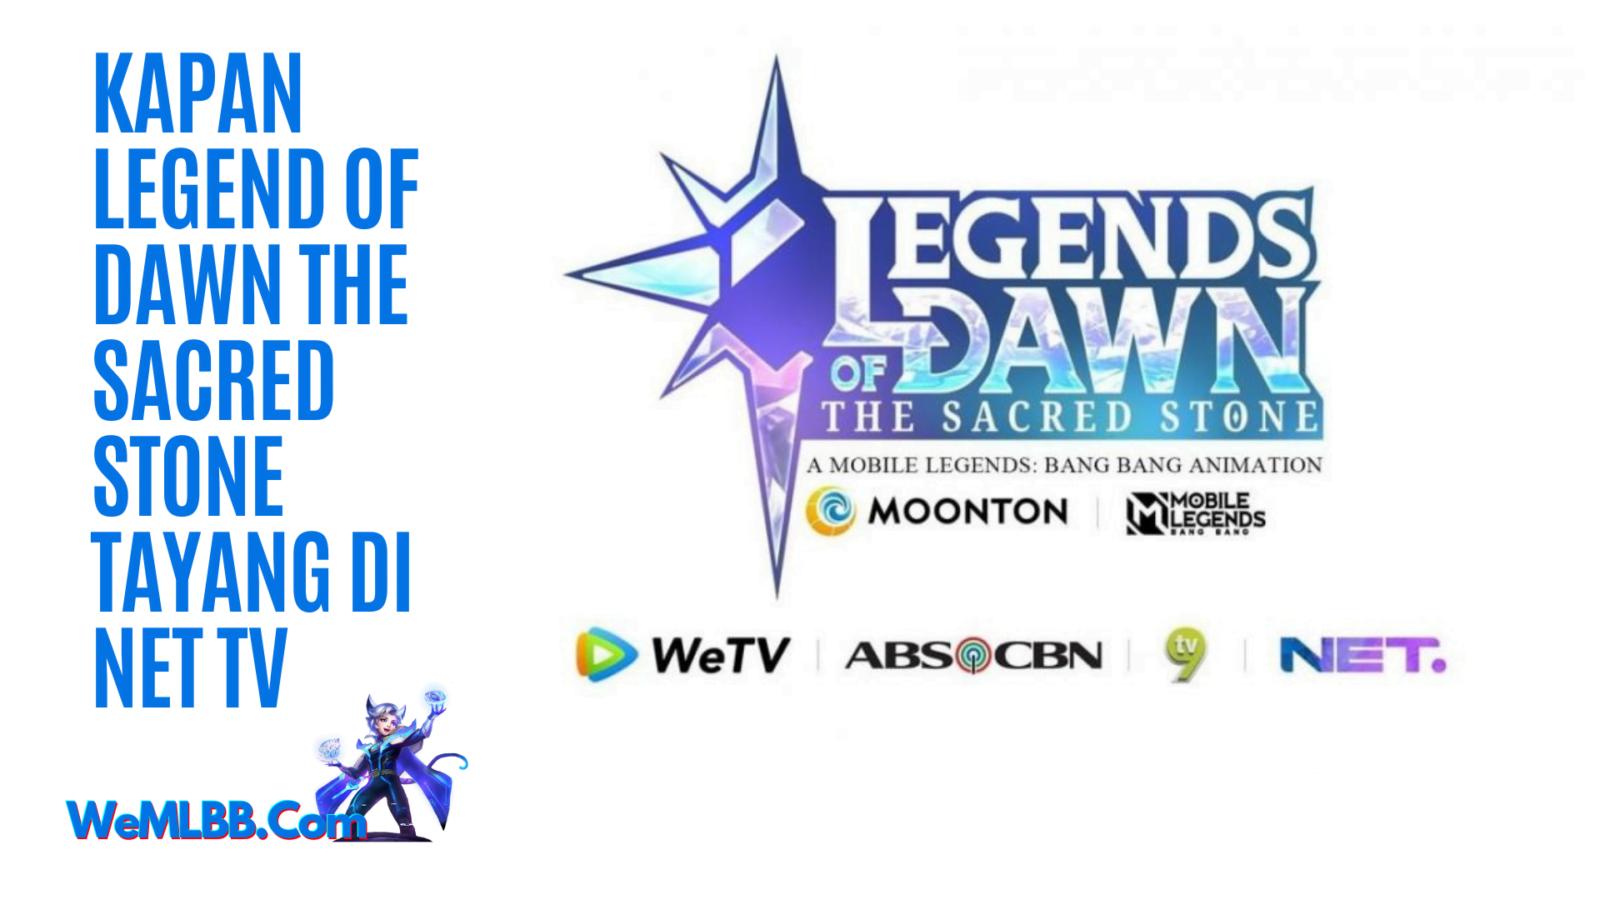 Kapan Legend of Dawn The Sacred Stone Tayang di Net TV